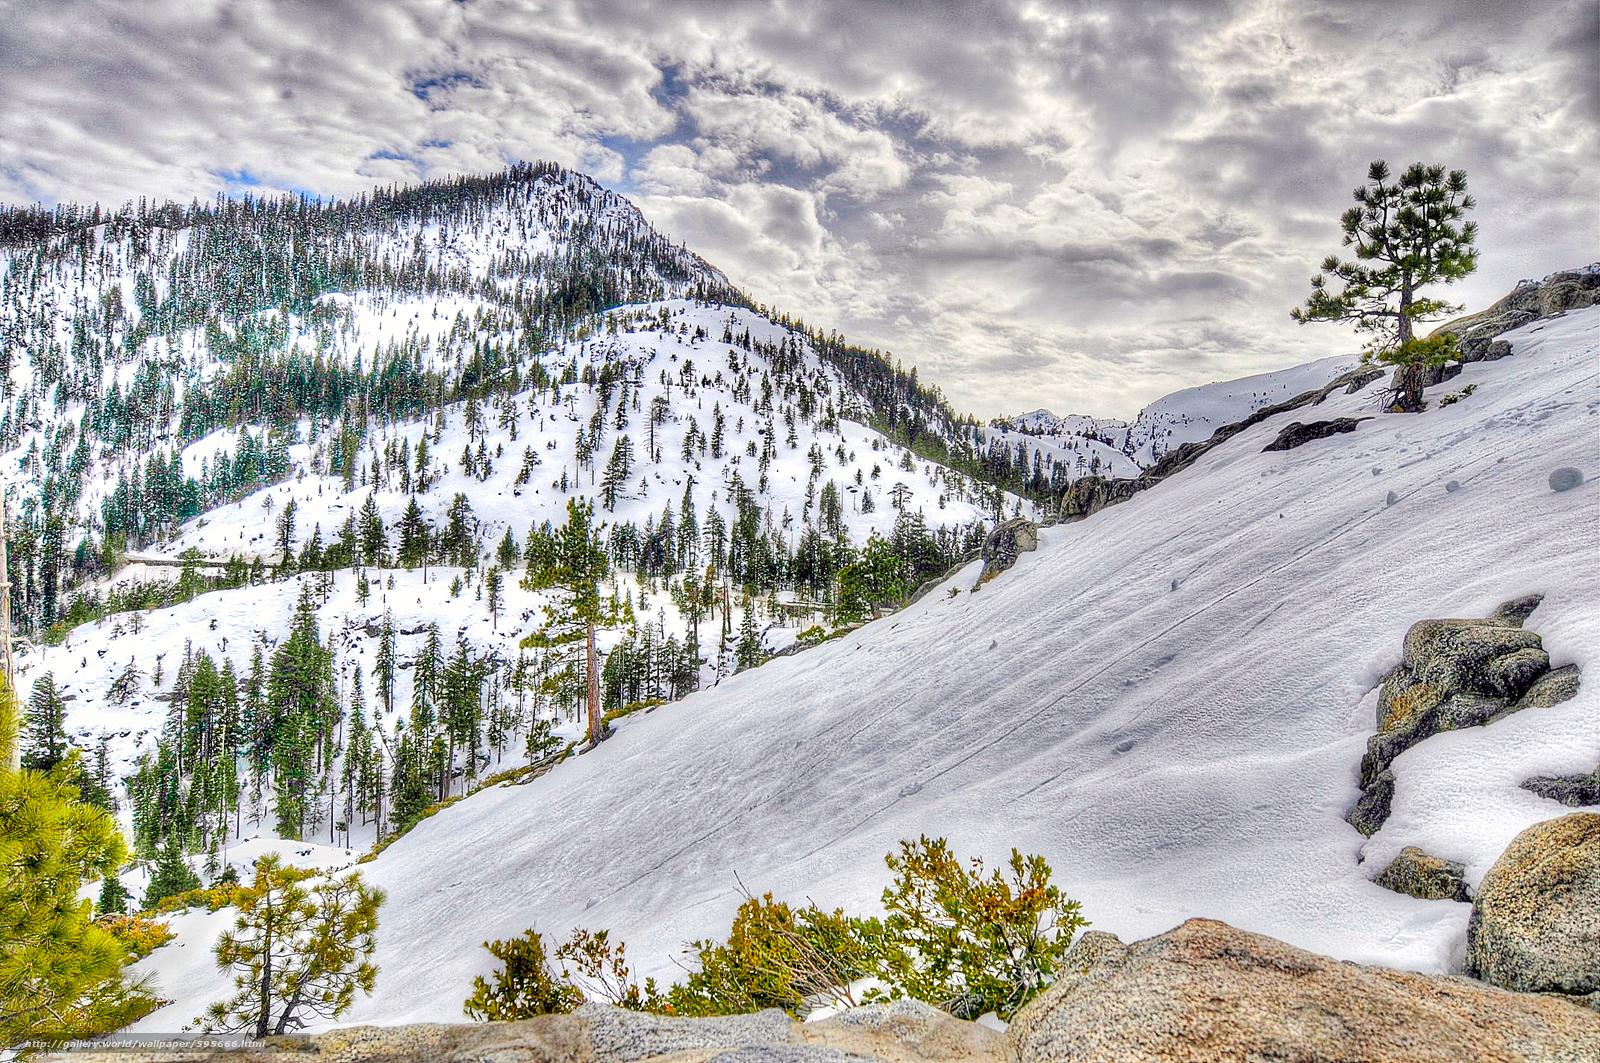 下载壁纸 冬天,  山,  树,  天空 免费为您的桌面分辨率的壁纸 2144x1424 — 图片 №595666